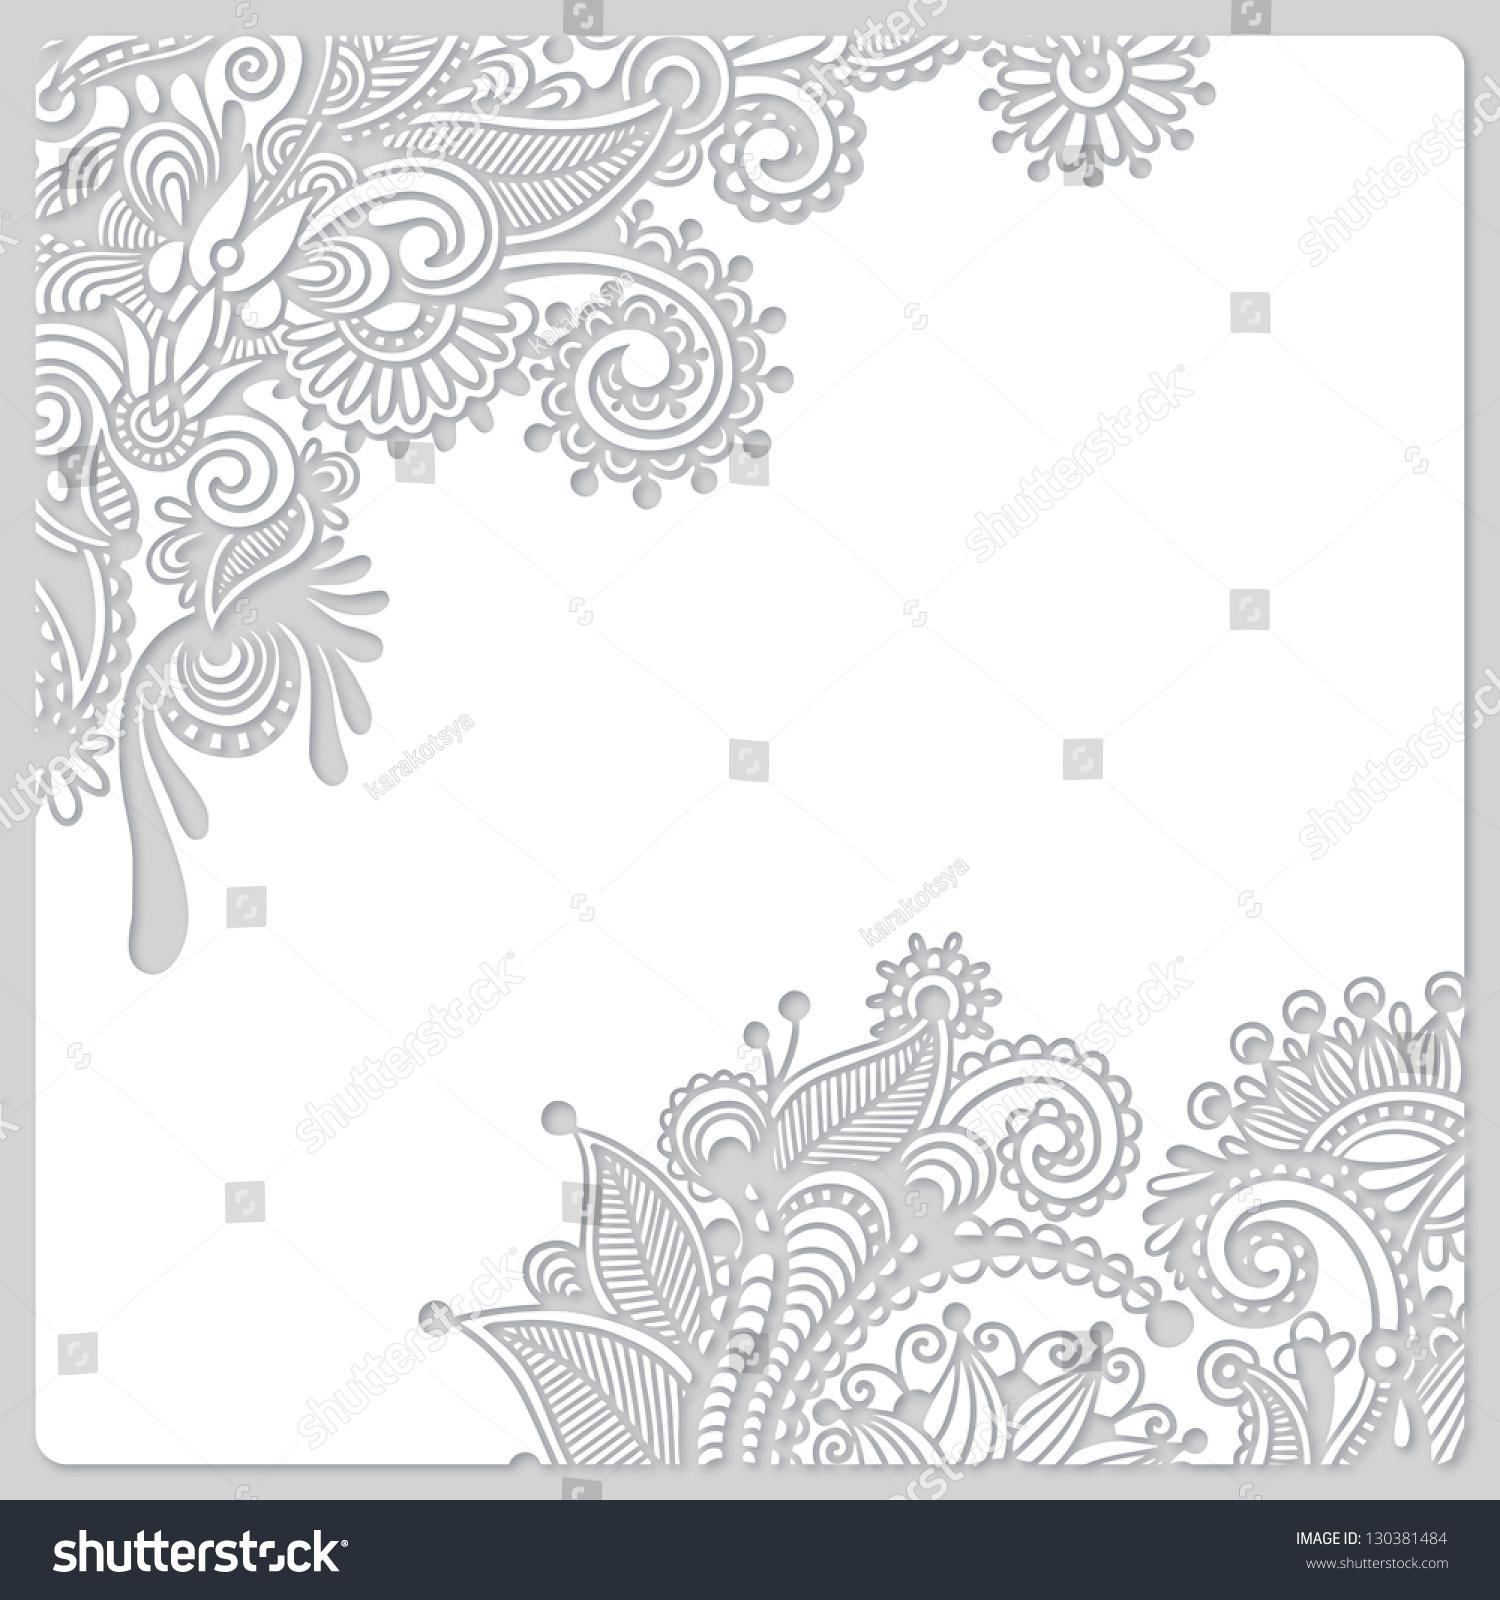 现代花白剪纸设计-背景/素材,抽象-海洛创意(hellorf)